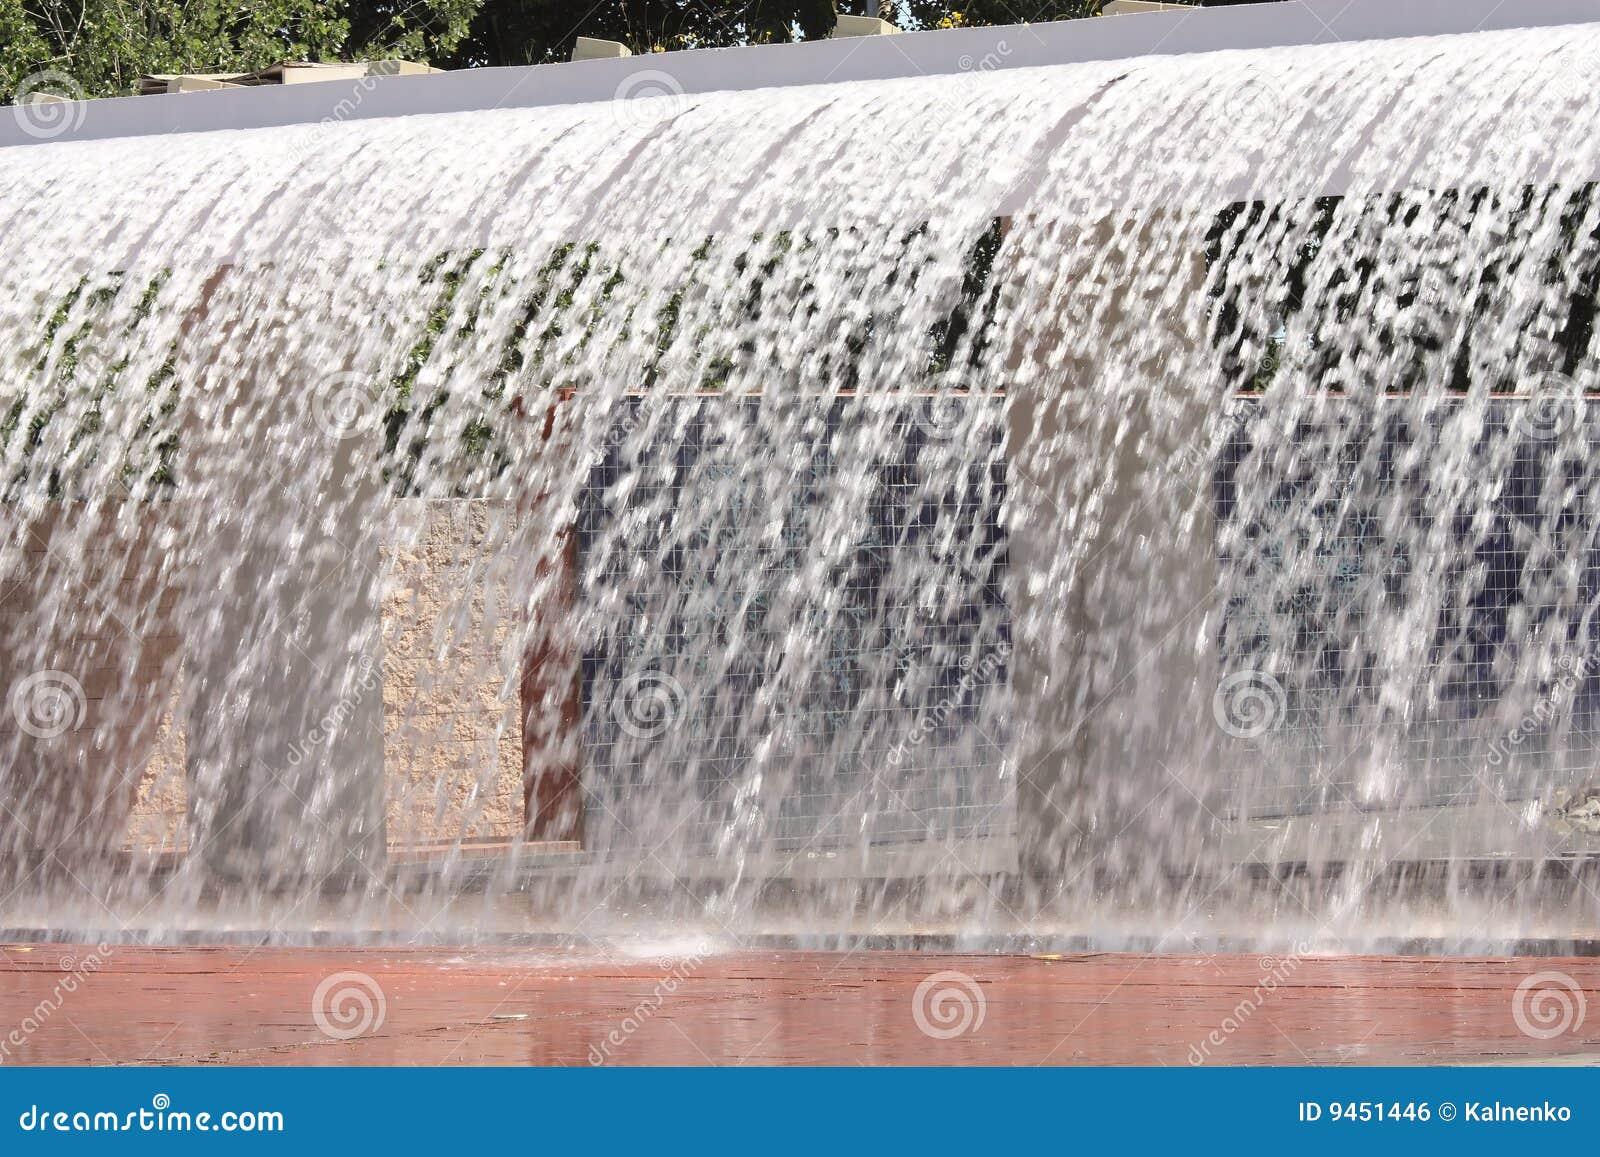 Córregos da fonte